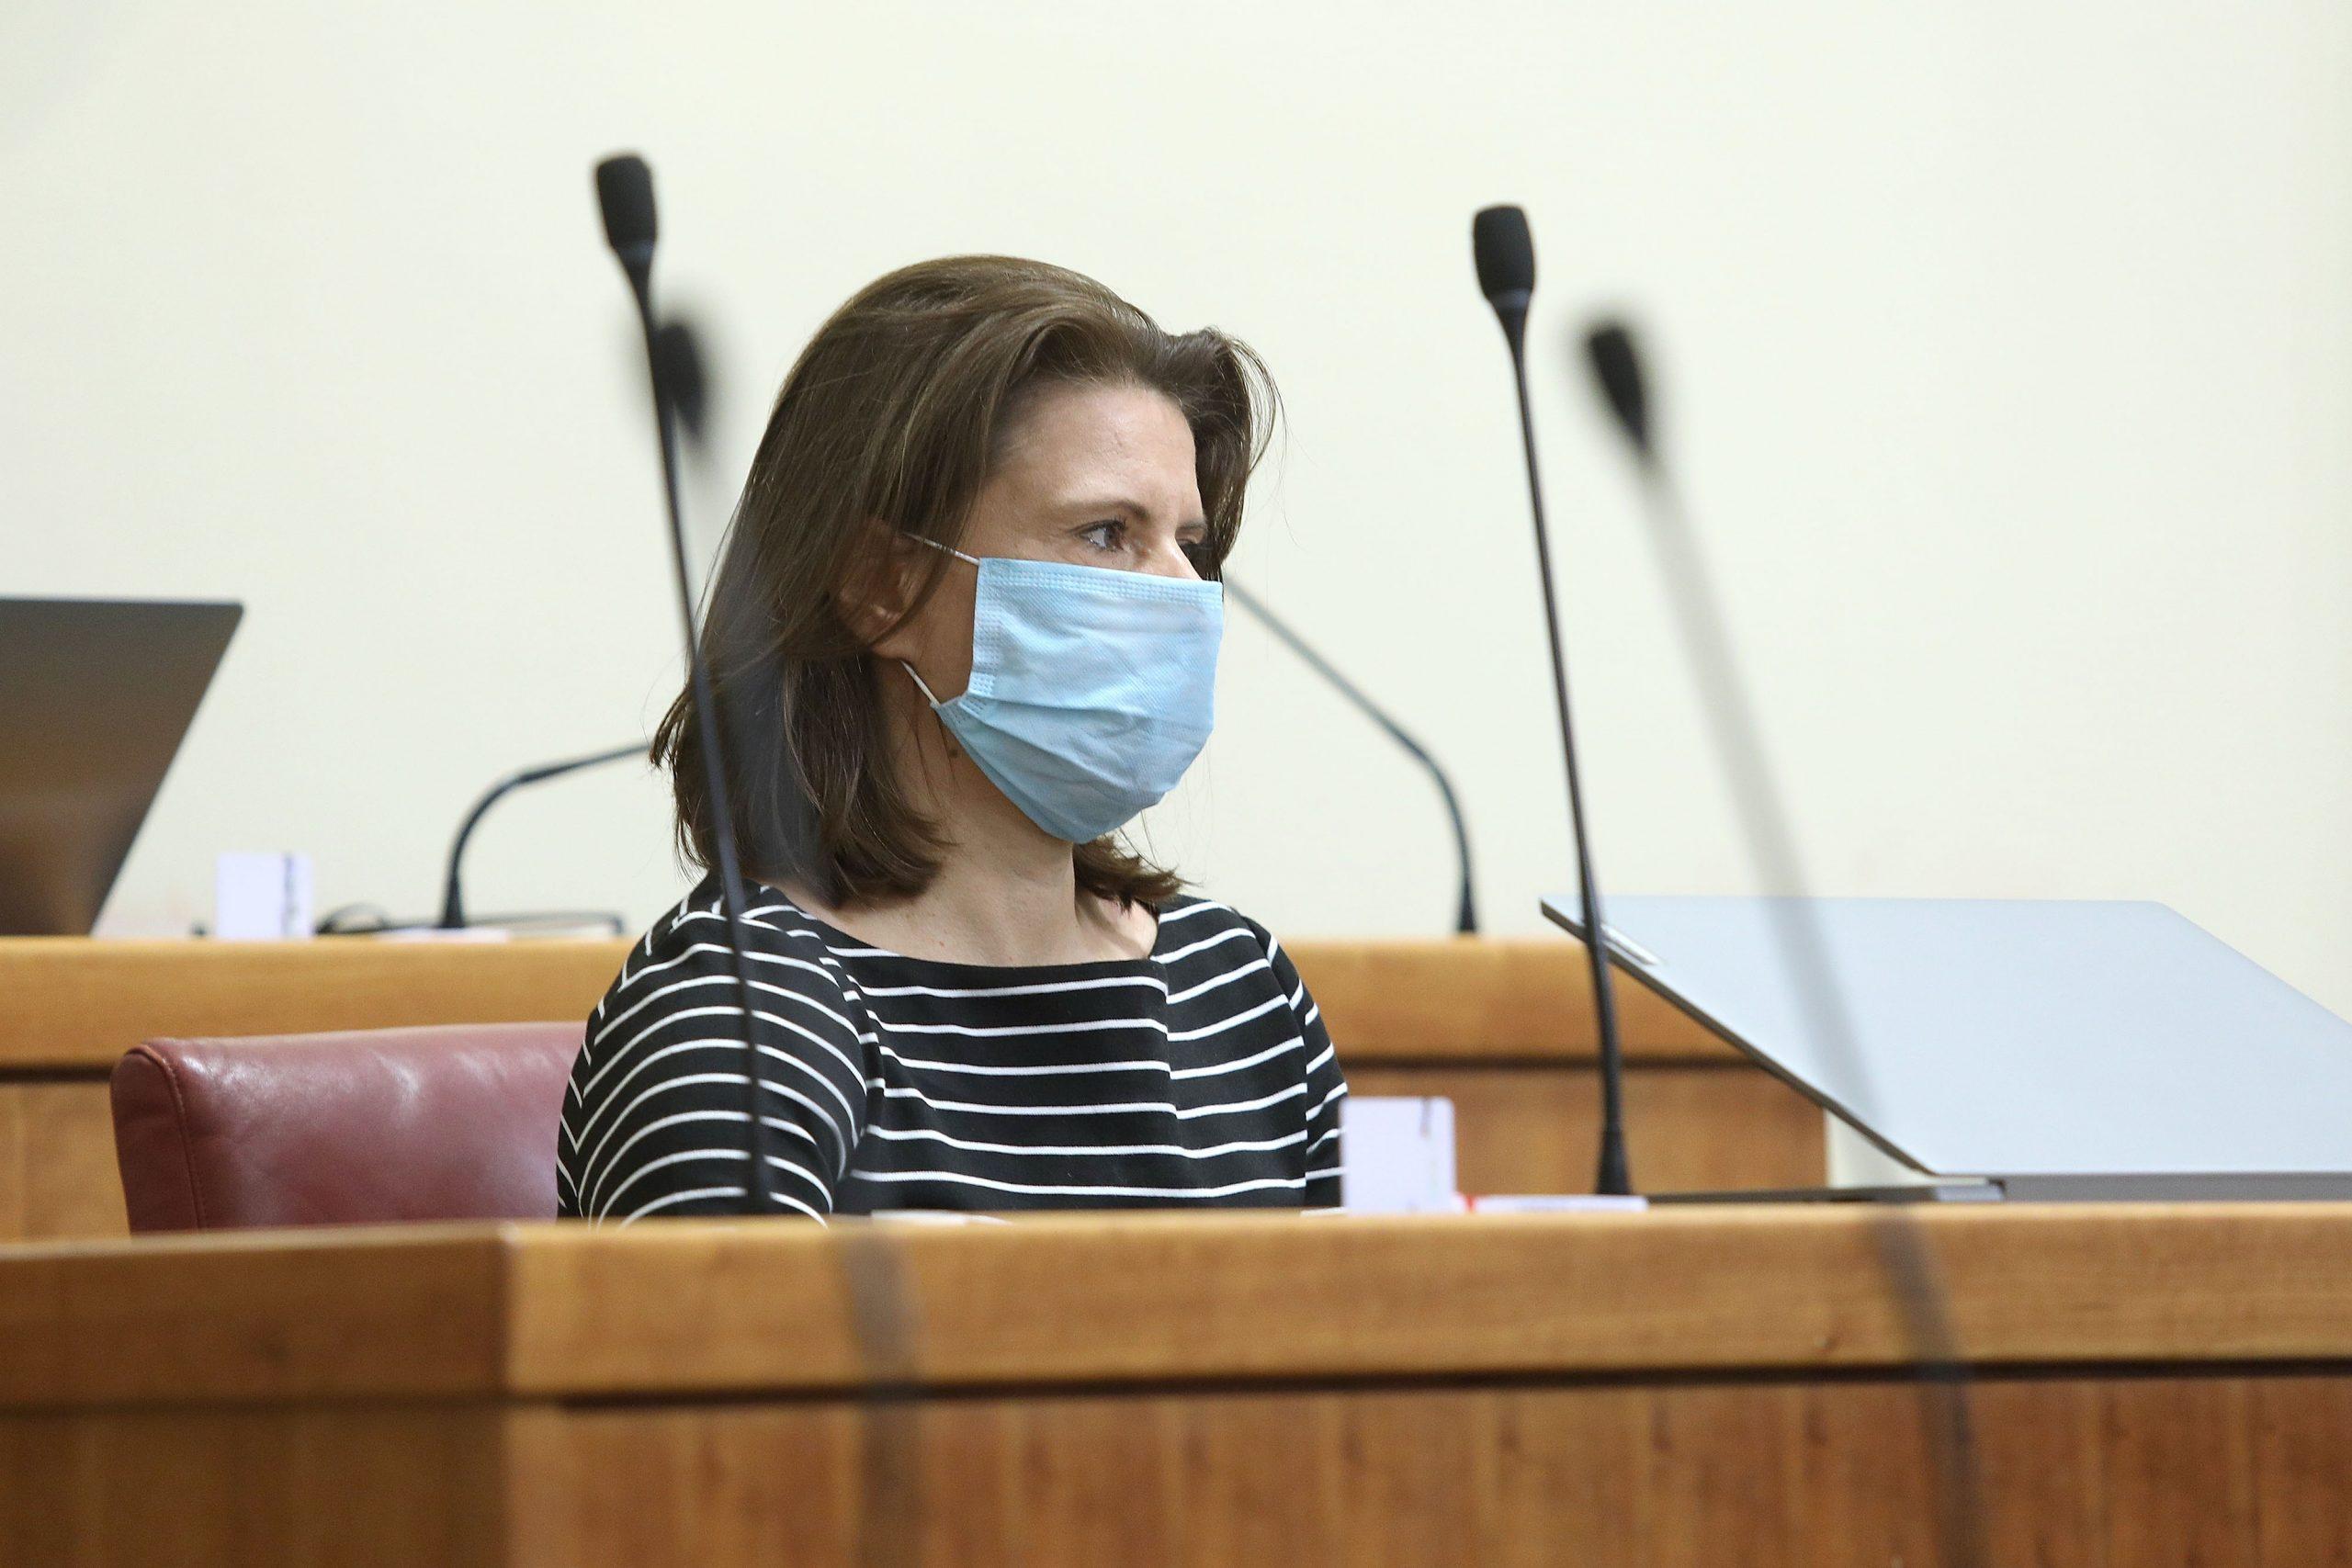 Katarina Peović / Patrik Macek/PIXSELL